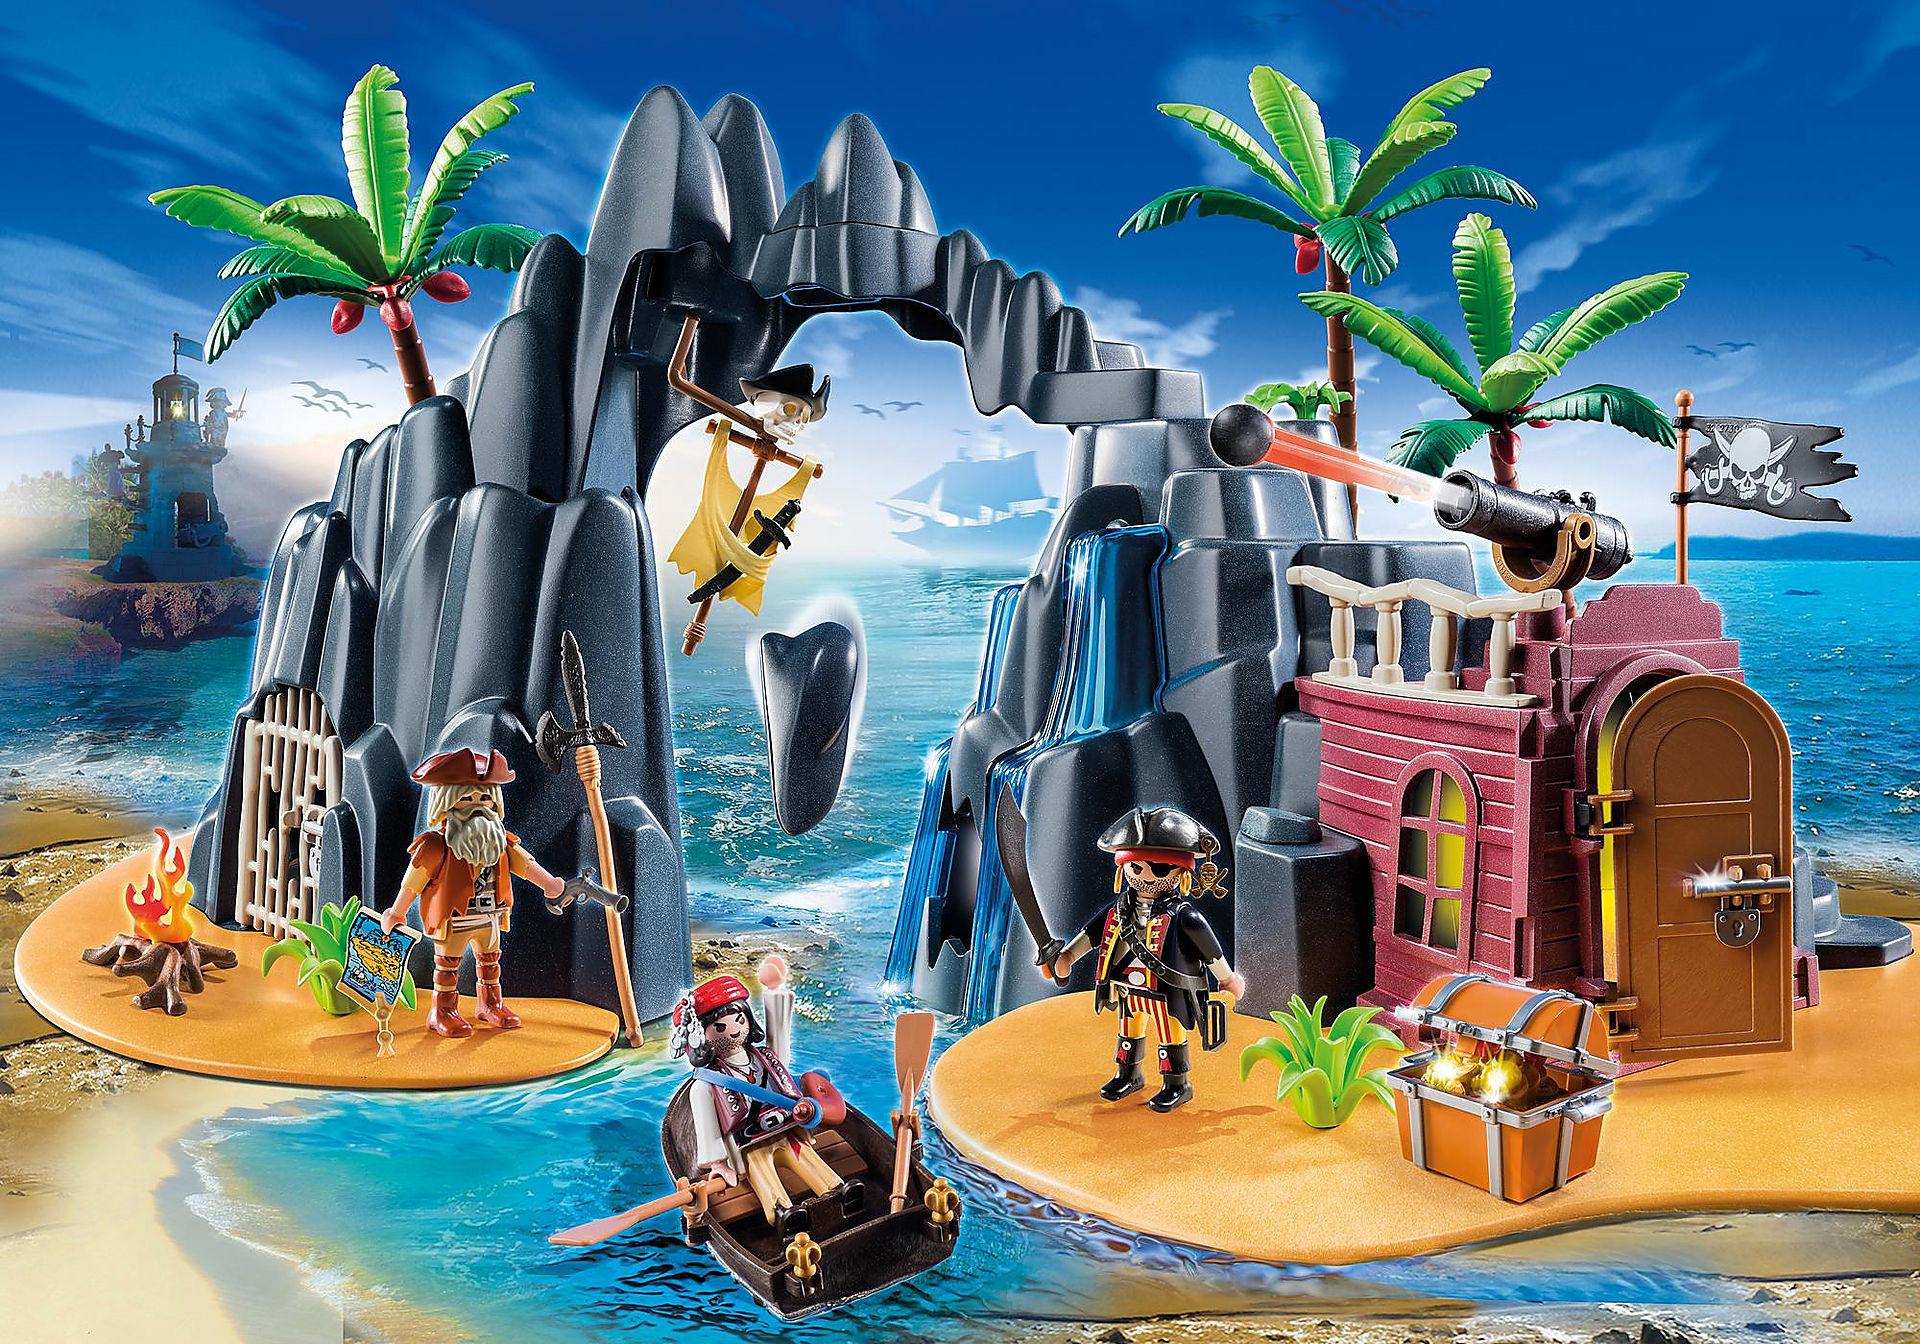 6679 Πειρατικό νησί θησαυρού zoom image1